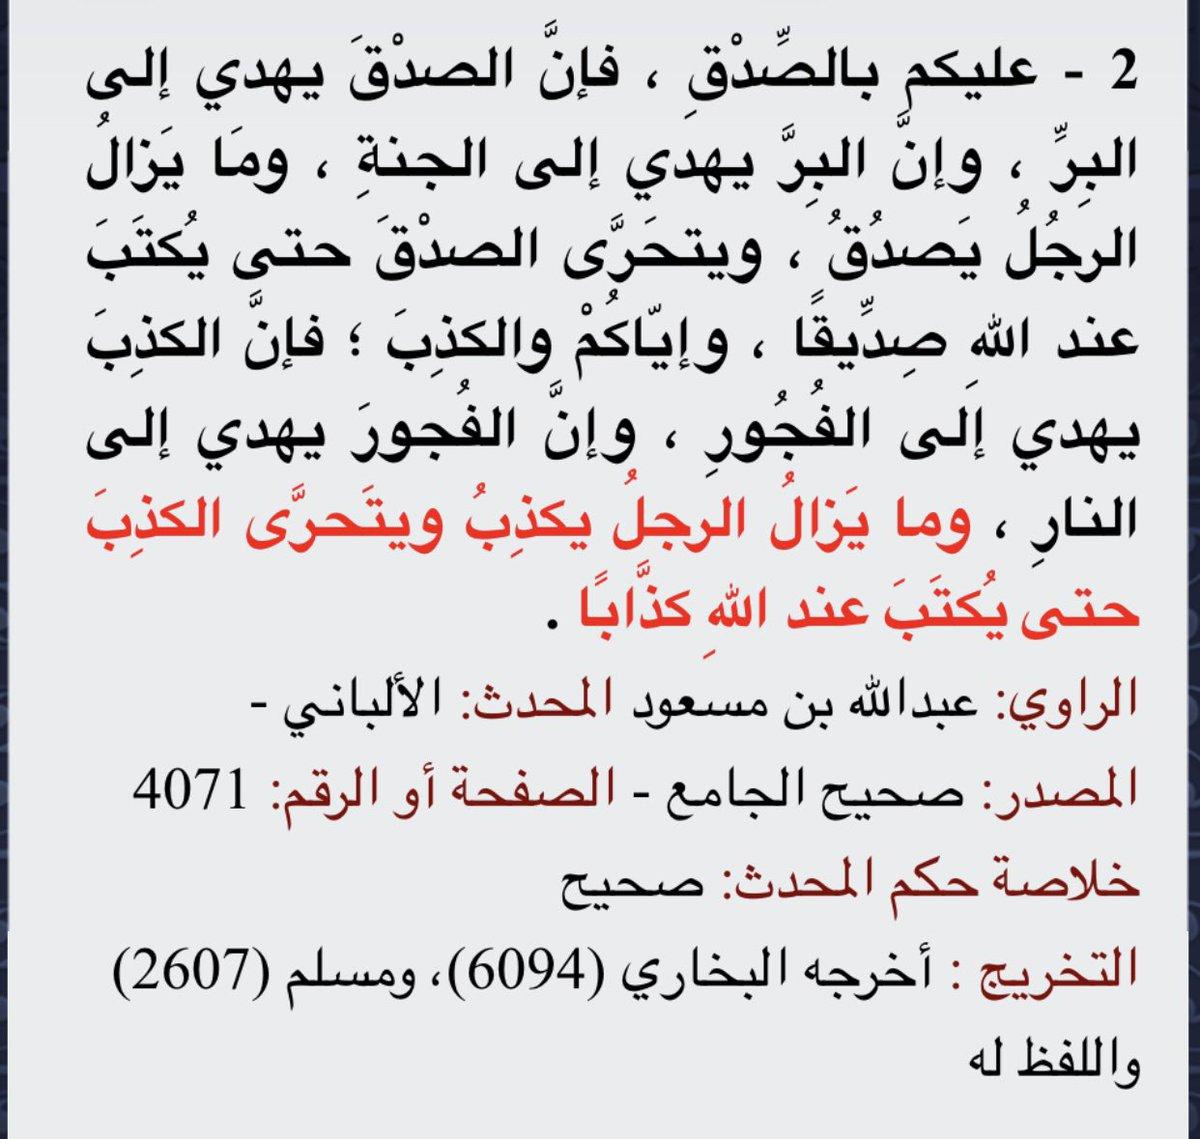 photo_1305015543288659968